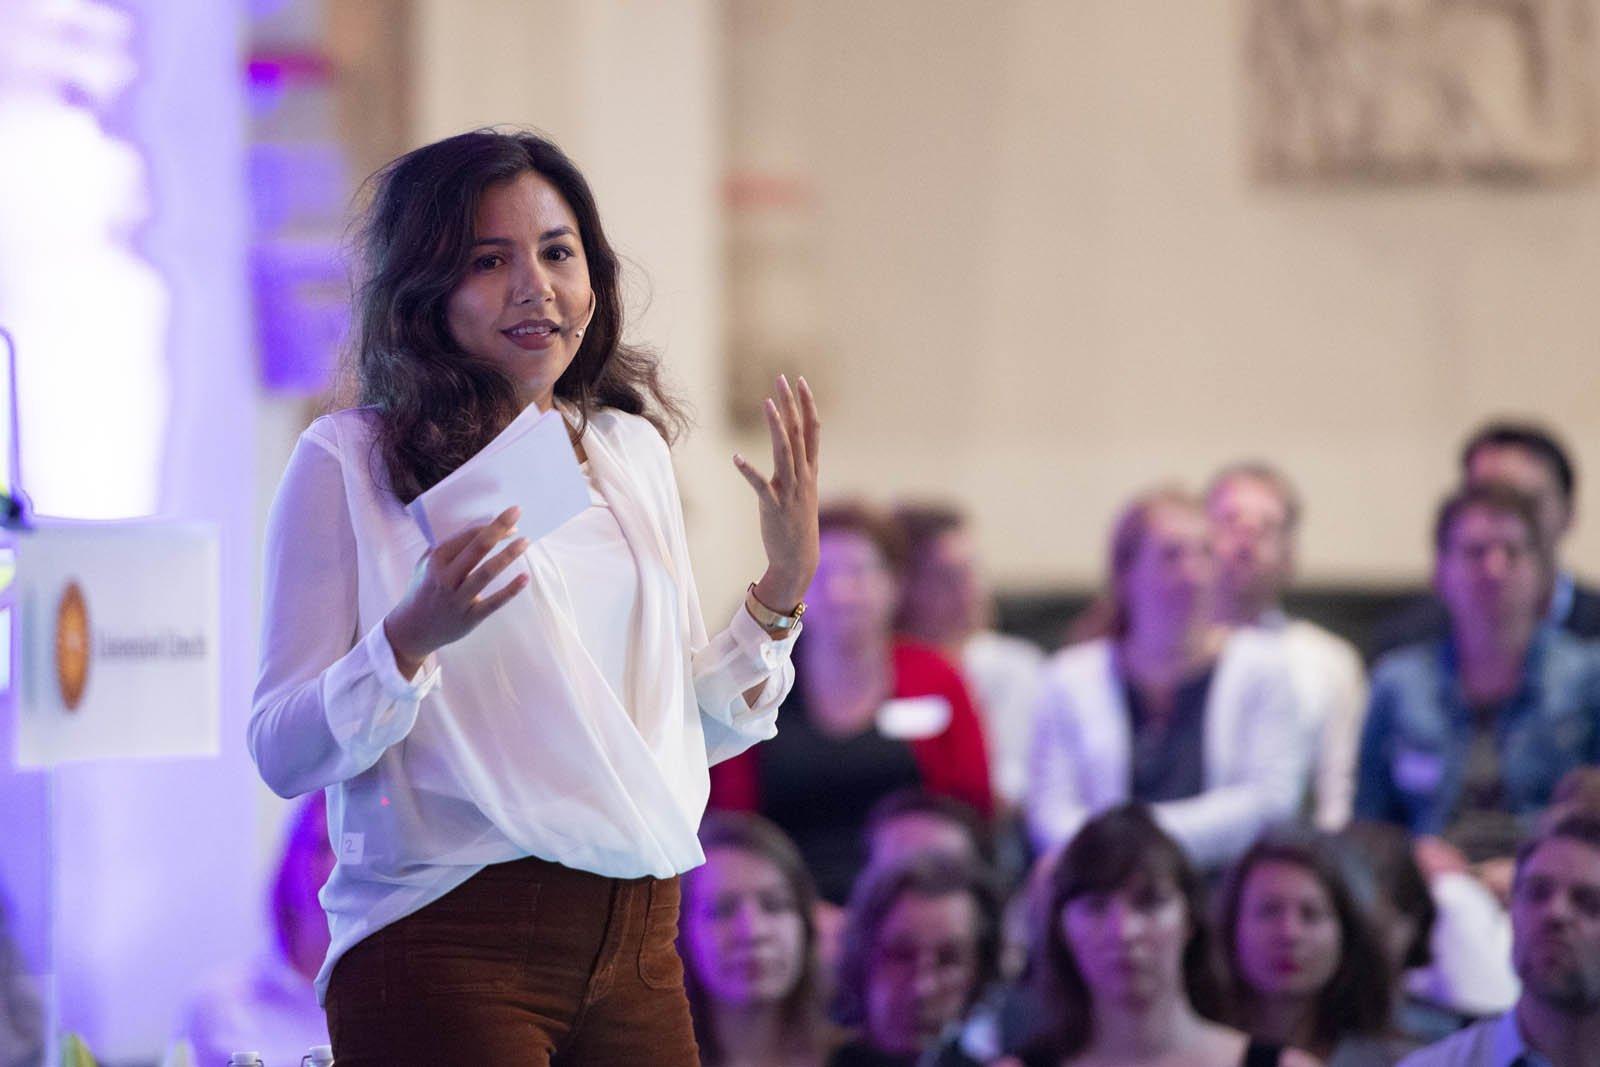 Presentator Talitha Muusse tijdens het Social Entrepreneurship Festival 2018